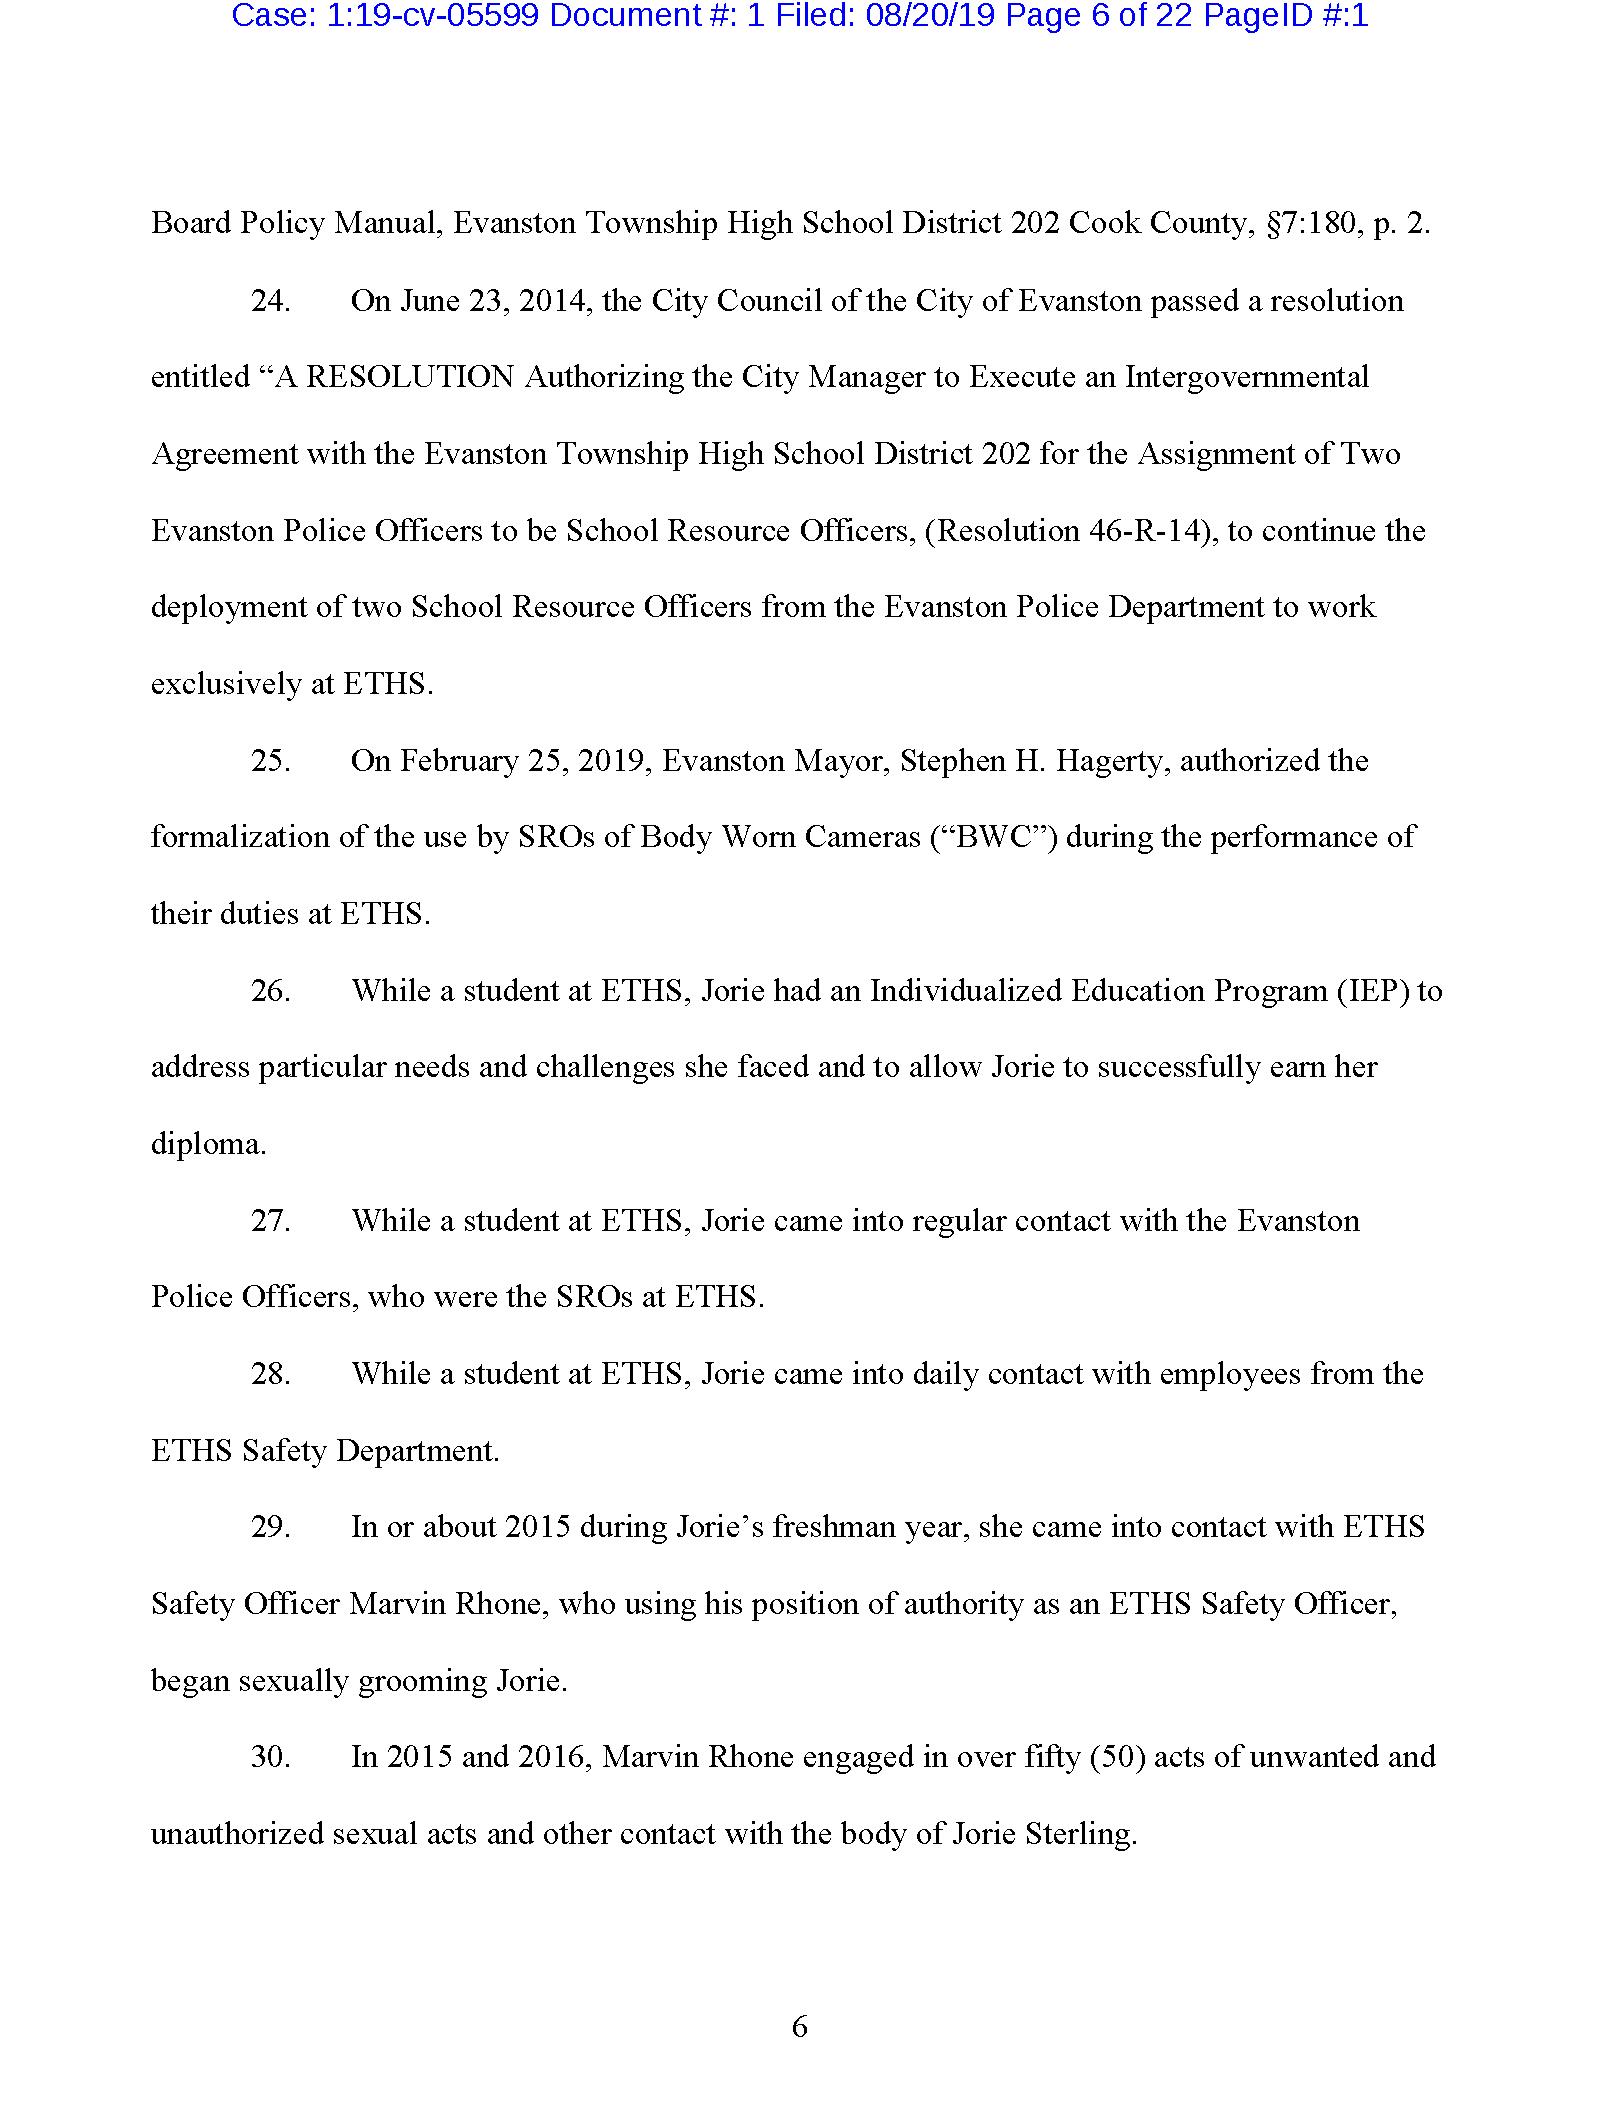 Copy of Complaint0106.png